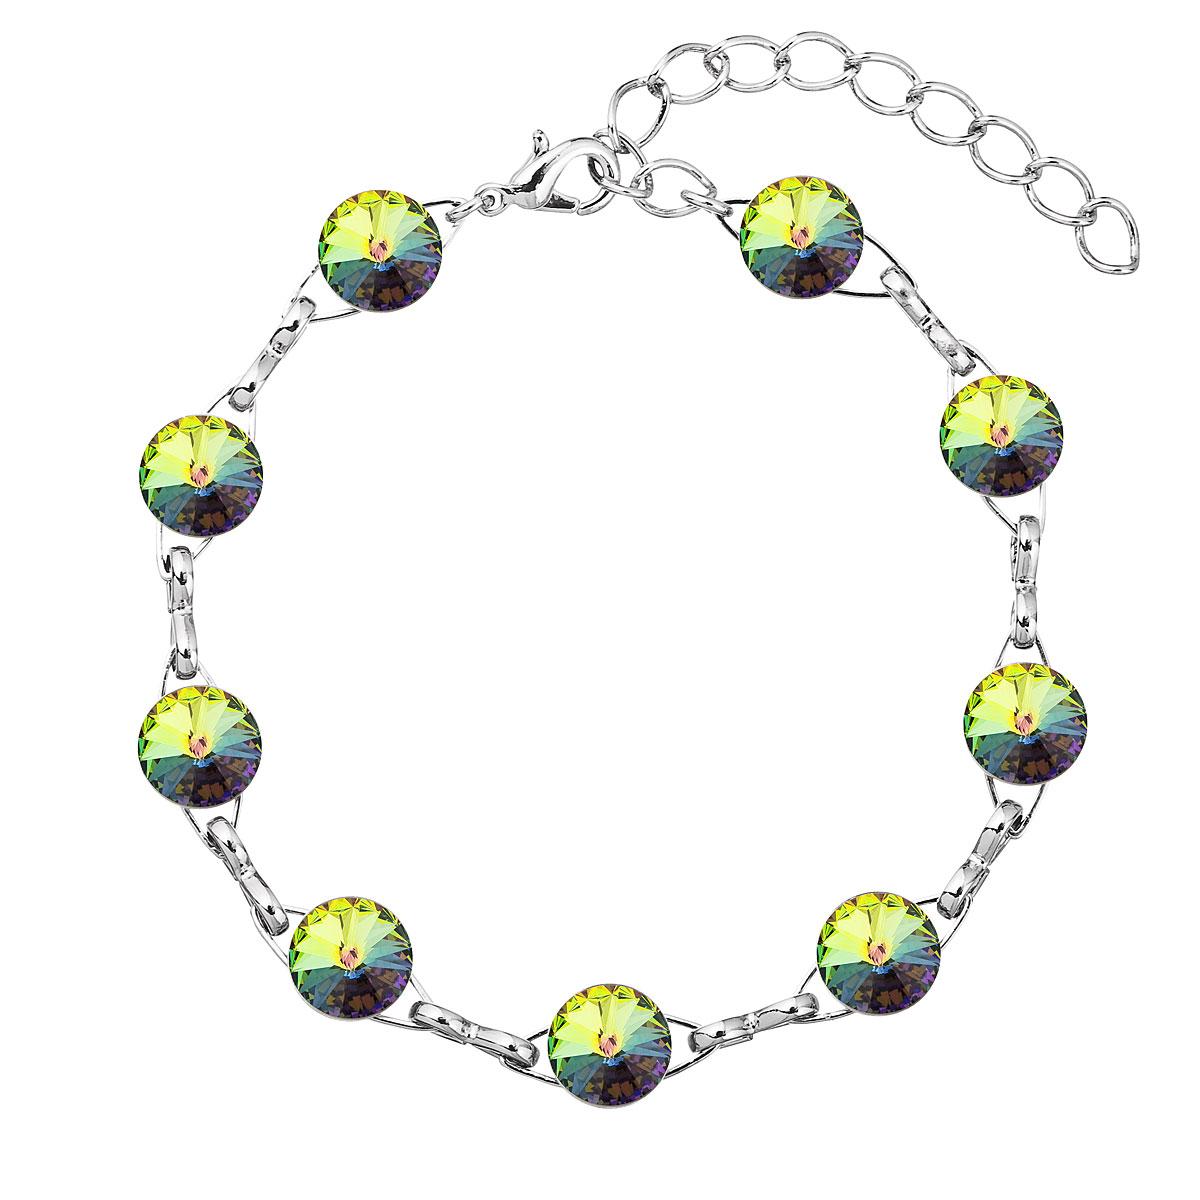 Evolution Group Náramek se Swarovski krystaly zelený 53001.5